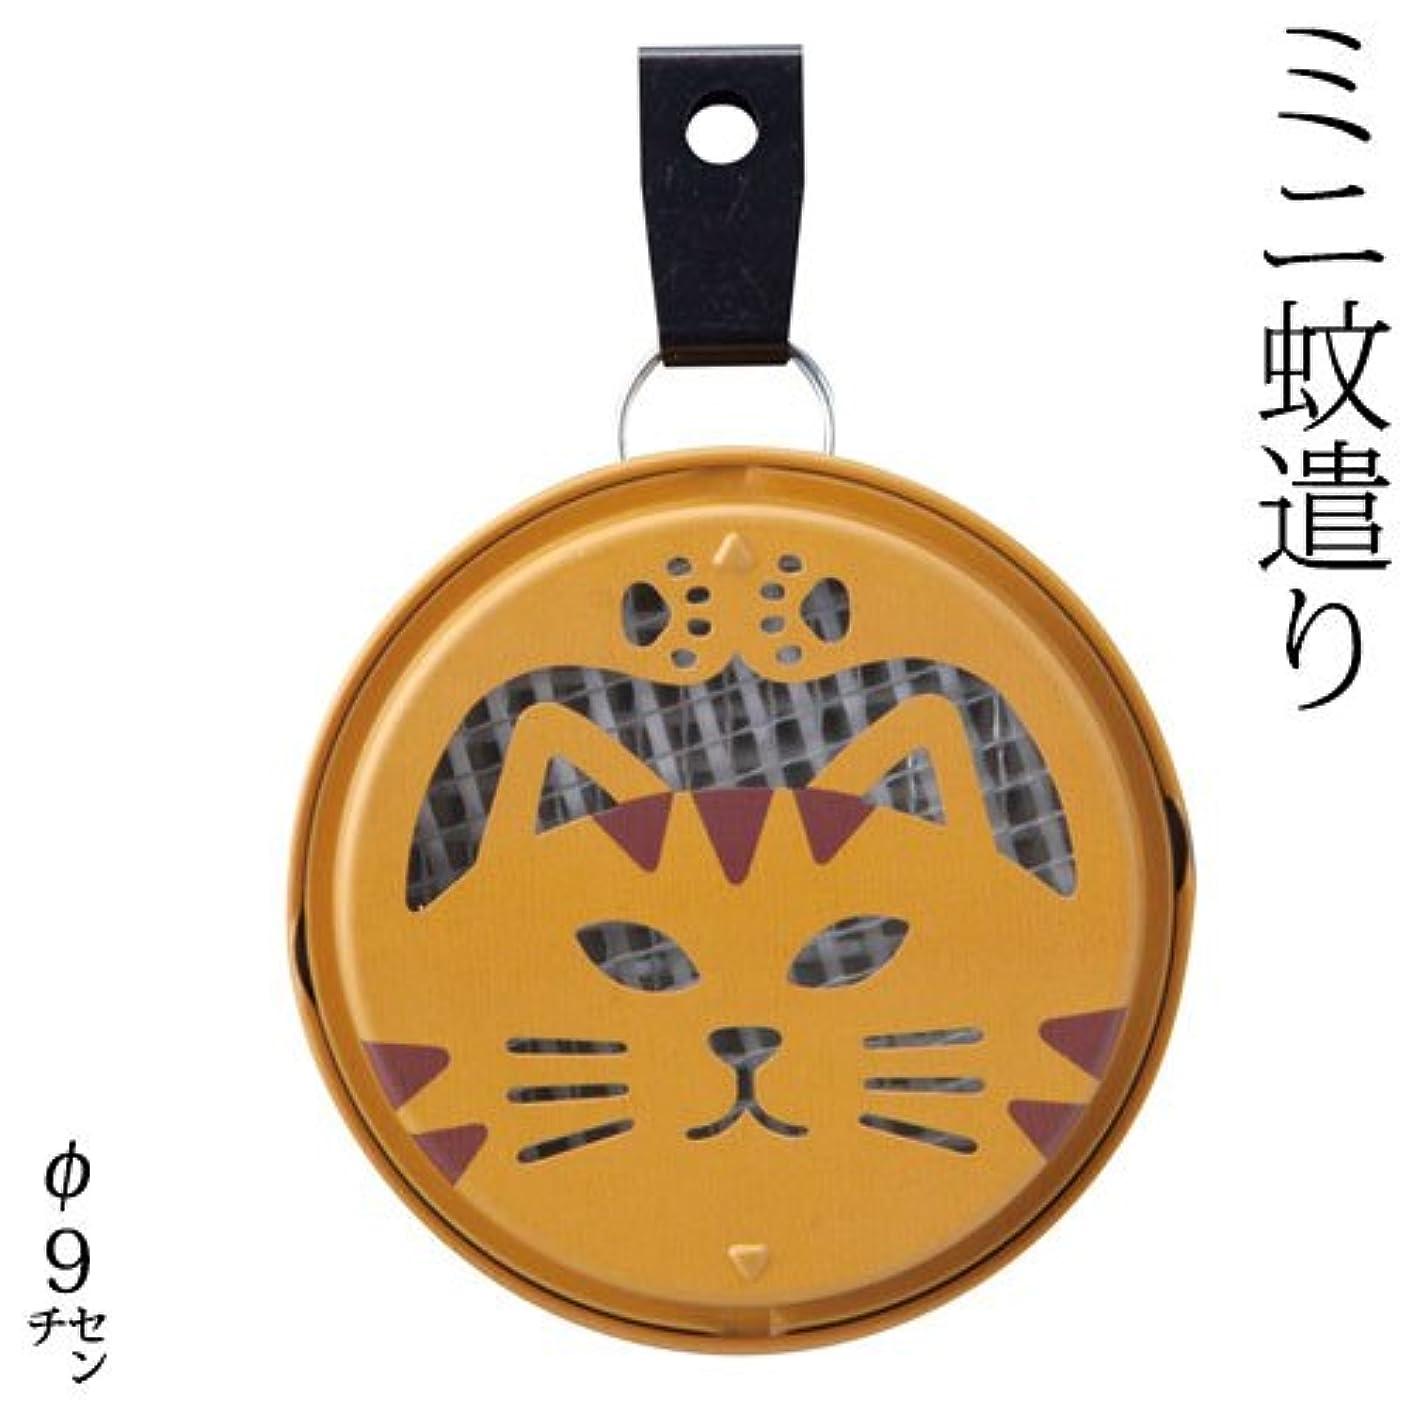 小さな最初失DECOLEポータブルミニ蚊遣りトラ猫 (SK-87513)吊り下げ?床置き対応Portable mini Kayari